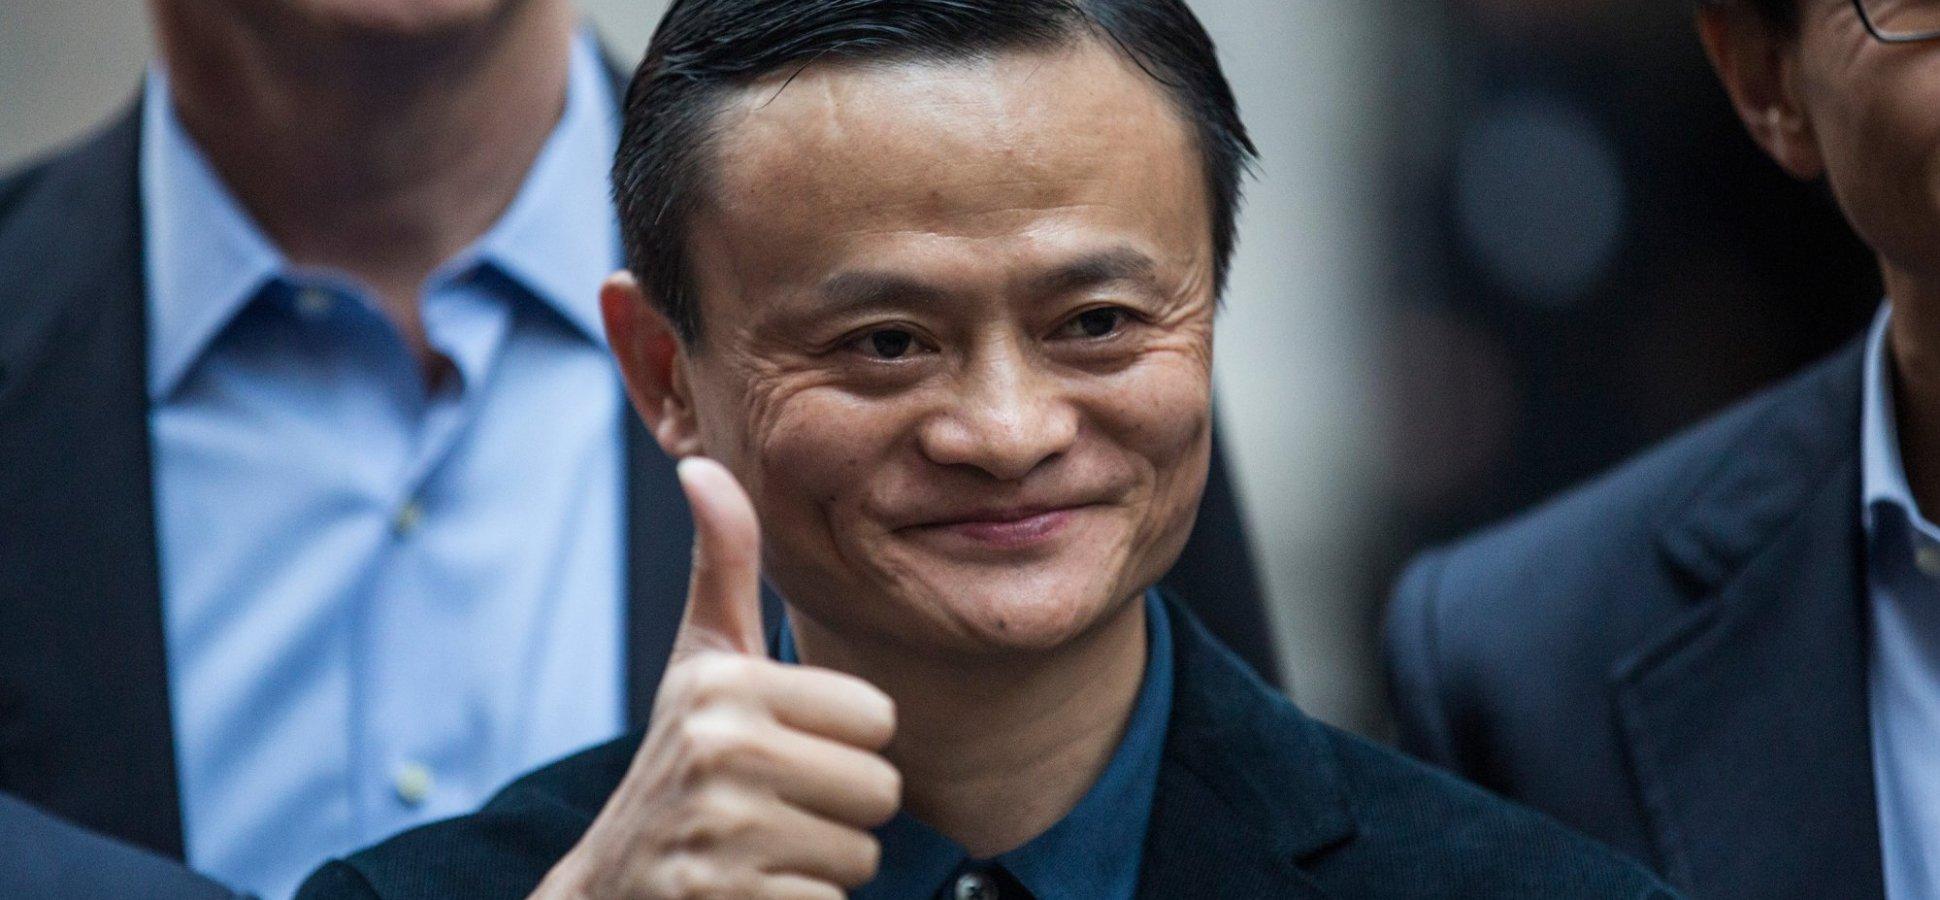 """Asya'nın en değerli şirketi """"Alibaba Grubunun"""" kurucusu Jack Ma, yönetim kurulu başkanlığı görevini kime devredeceğini açıkladı."""